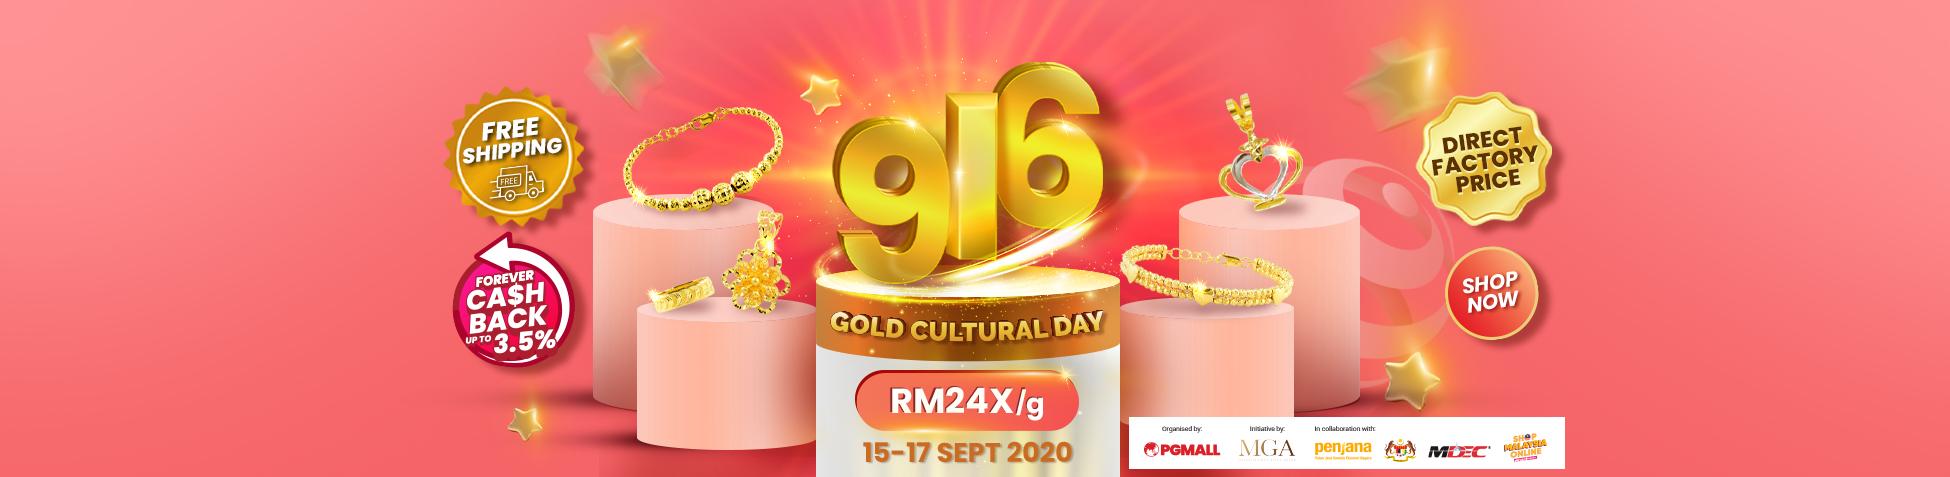 Beli Emas Murah 916 Online di PG Mall dan Penghantaran Percuma Berinsuran